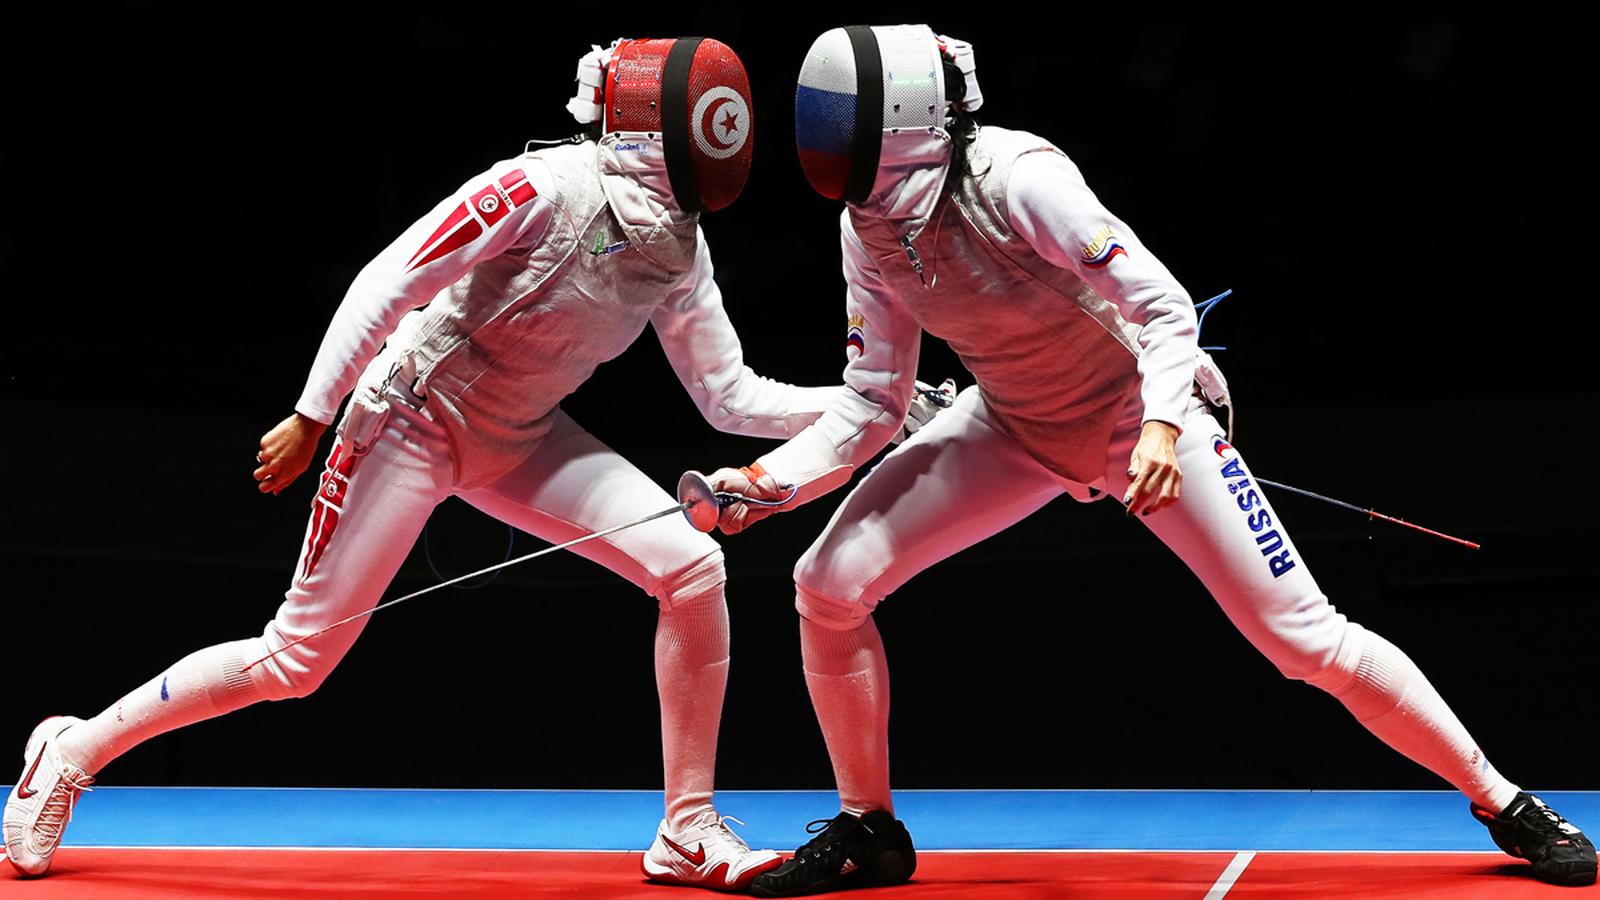 Эпизод фехтовального поединка россиянки Аиды Шанаевой (справа) с представительницей Туниса Инес Бубакри